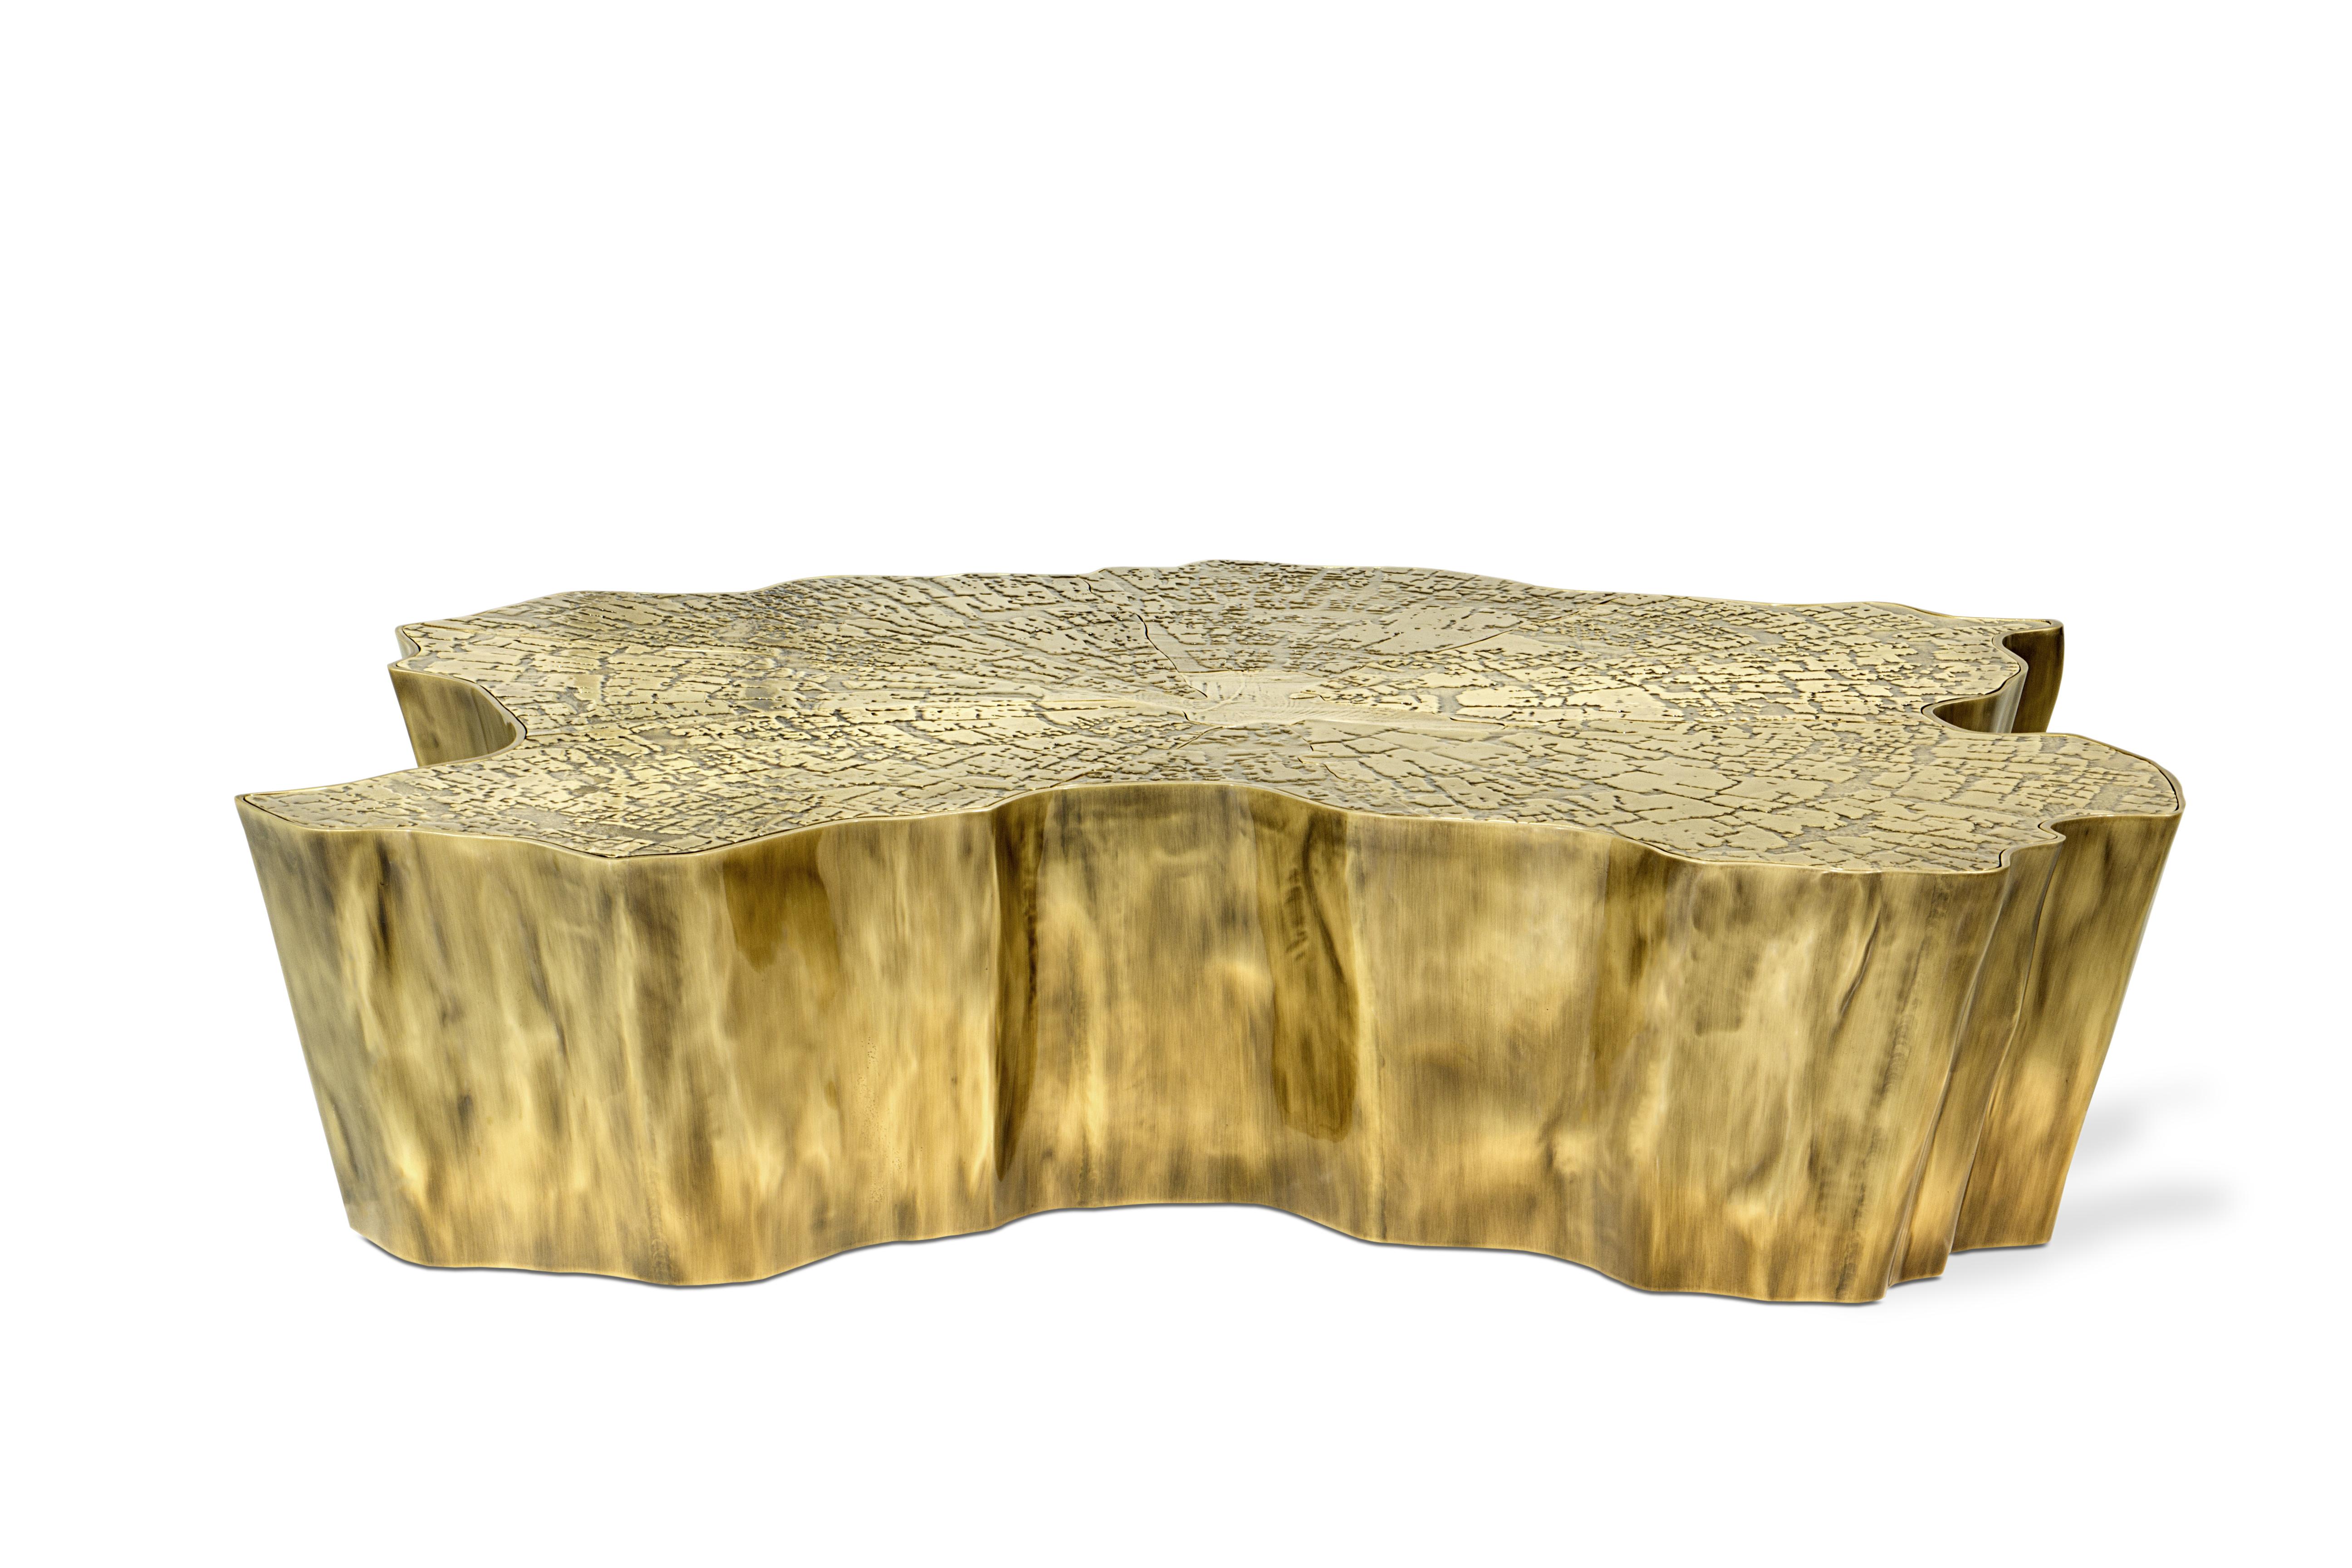 WANDDEKO 5 BESTEN WANDDEKO, UM EINEN GROSSEN UND LEEREN WOHNZIMMER eden gold matte center table 02 hr